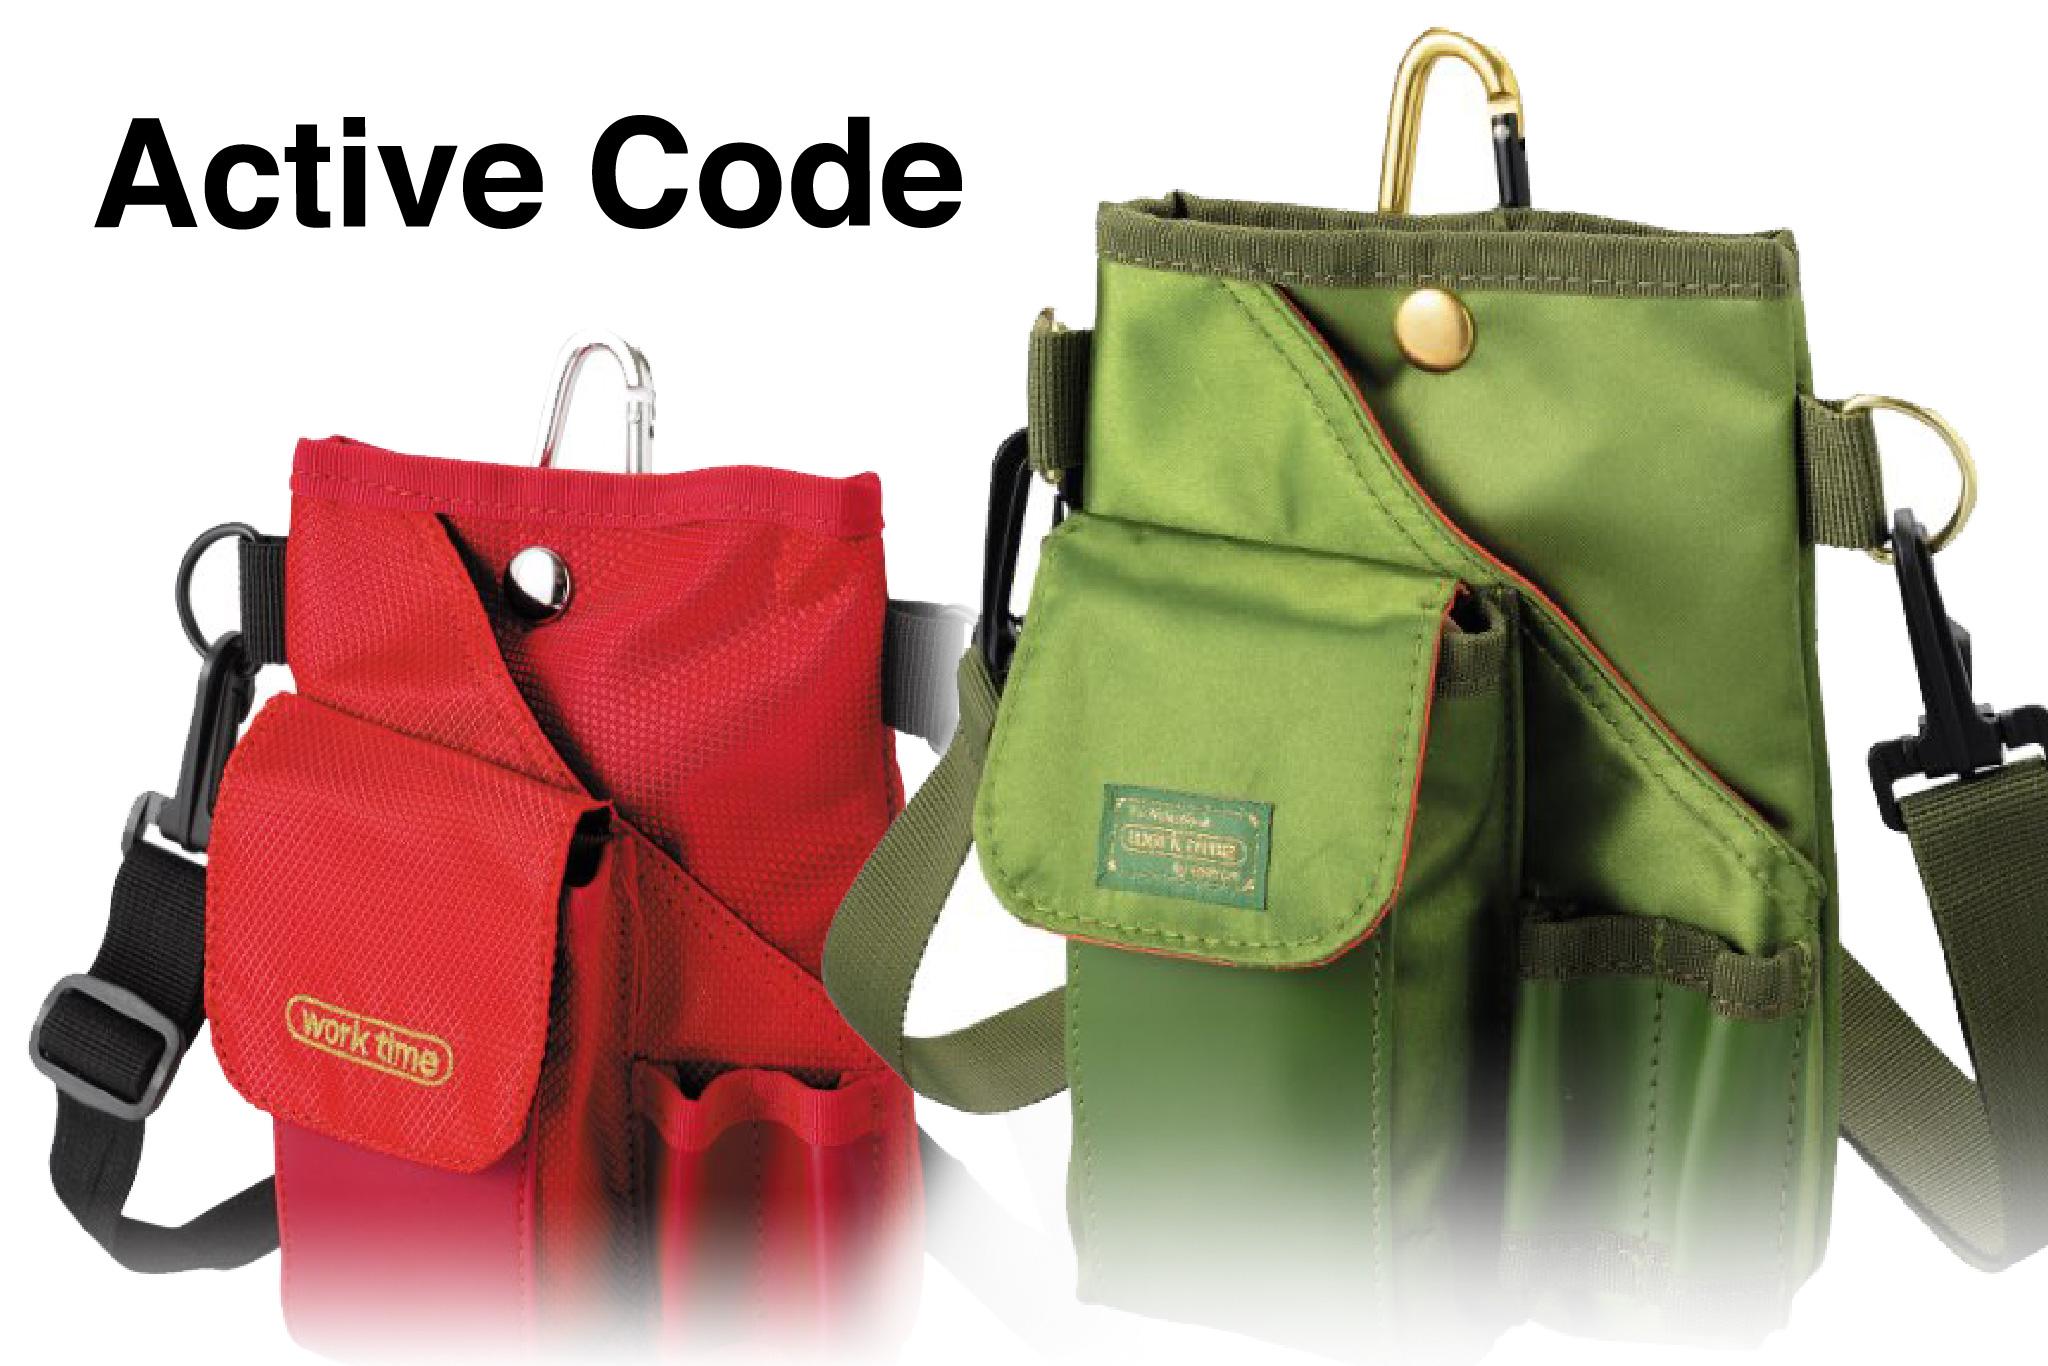 Active Code